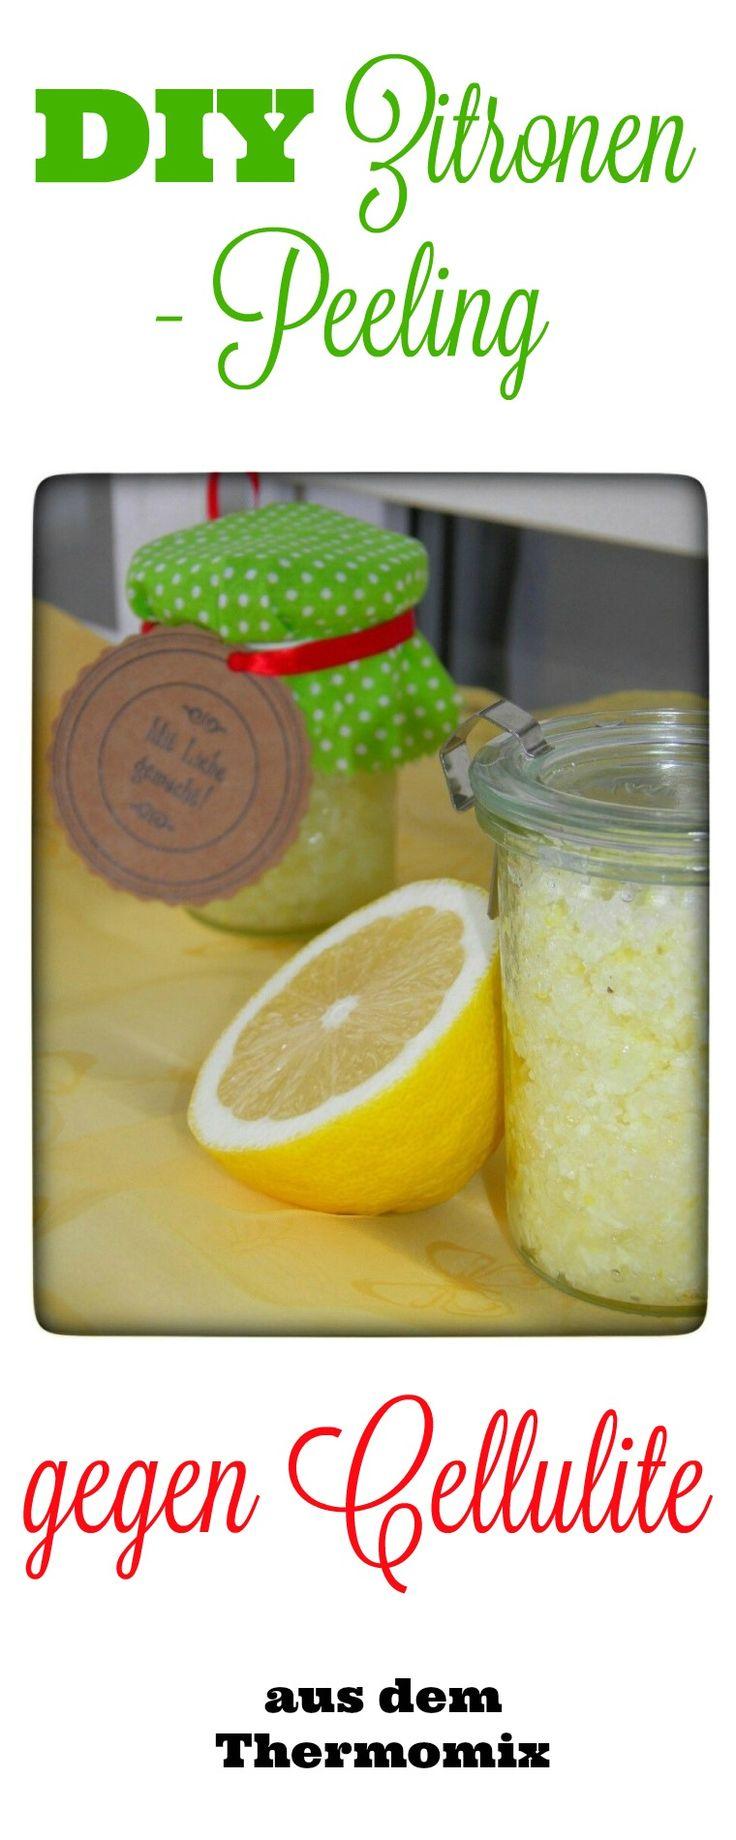 Unsere Weihnachts-Geschenk-Vorbereitungsideen-Sammlung geht weiter mit einem leckerem und erfrischendem Zitronen-Peeling. Zitronen sind ja ein Allrounder und landen bei mir nicht nur im Essen, sondern auch in der Kosmetik.